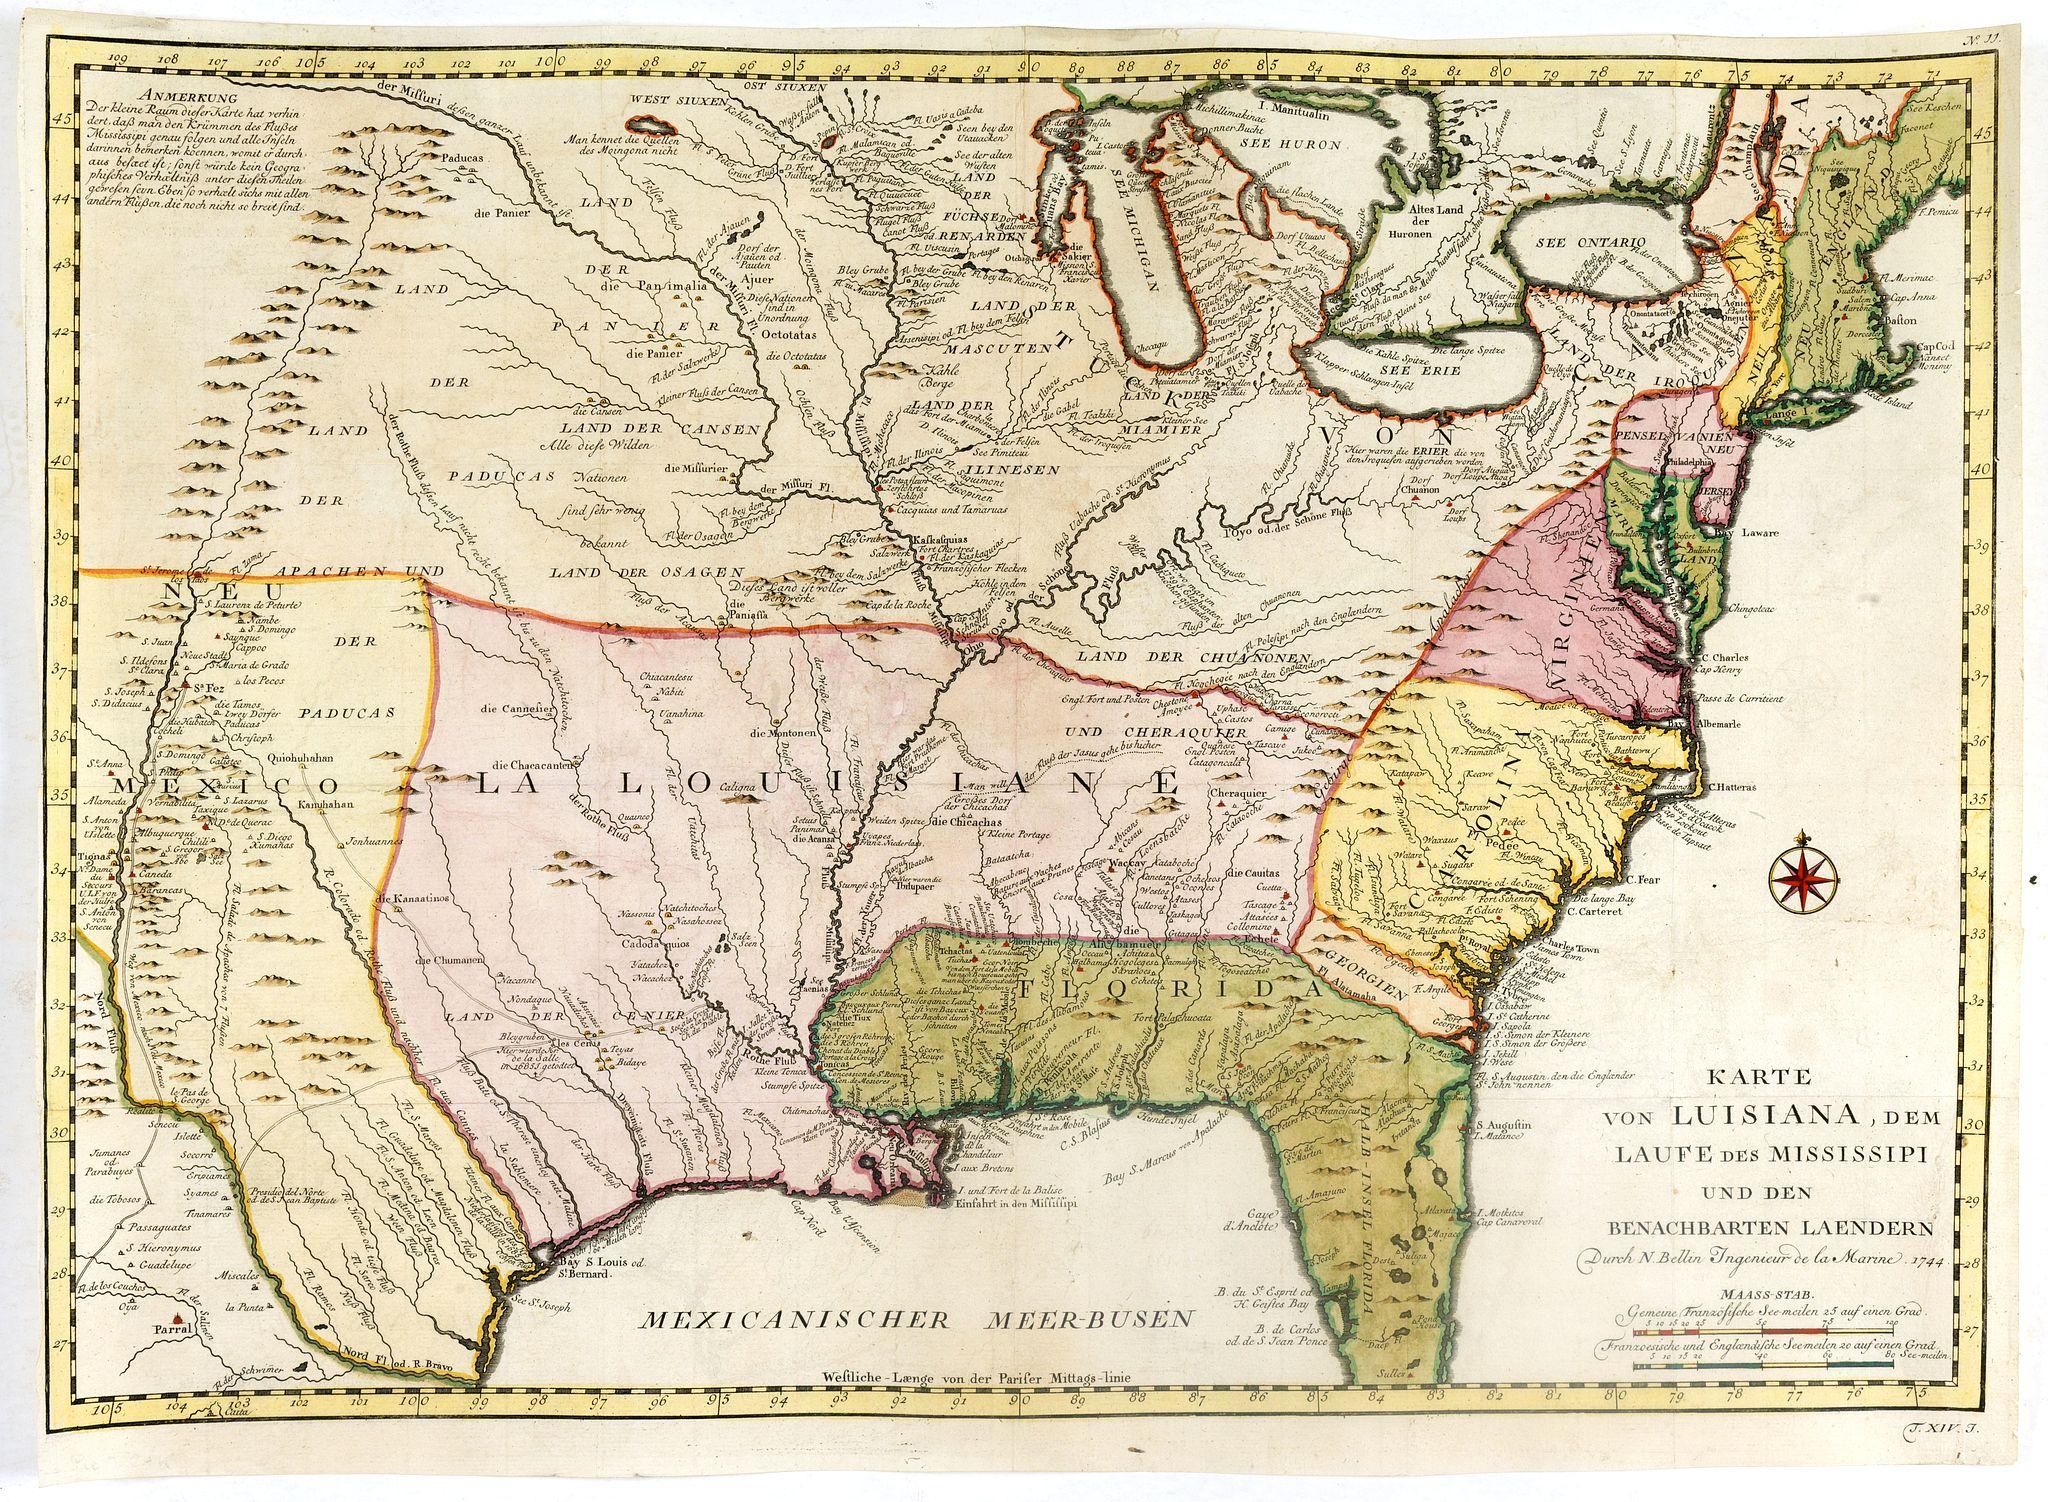 BELLIN, J.N. -  Karte von Luisiana, dem Laufe des Mississipi und den Benachbarten Laendern.